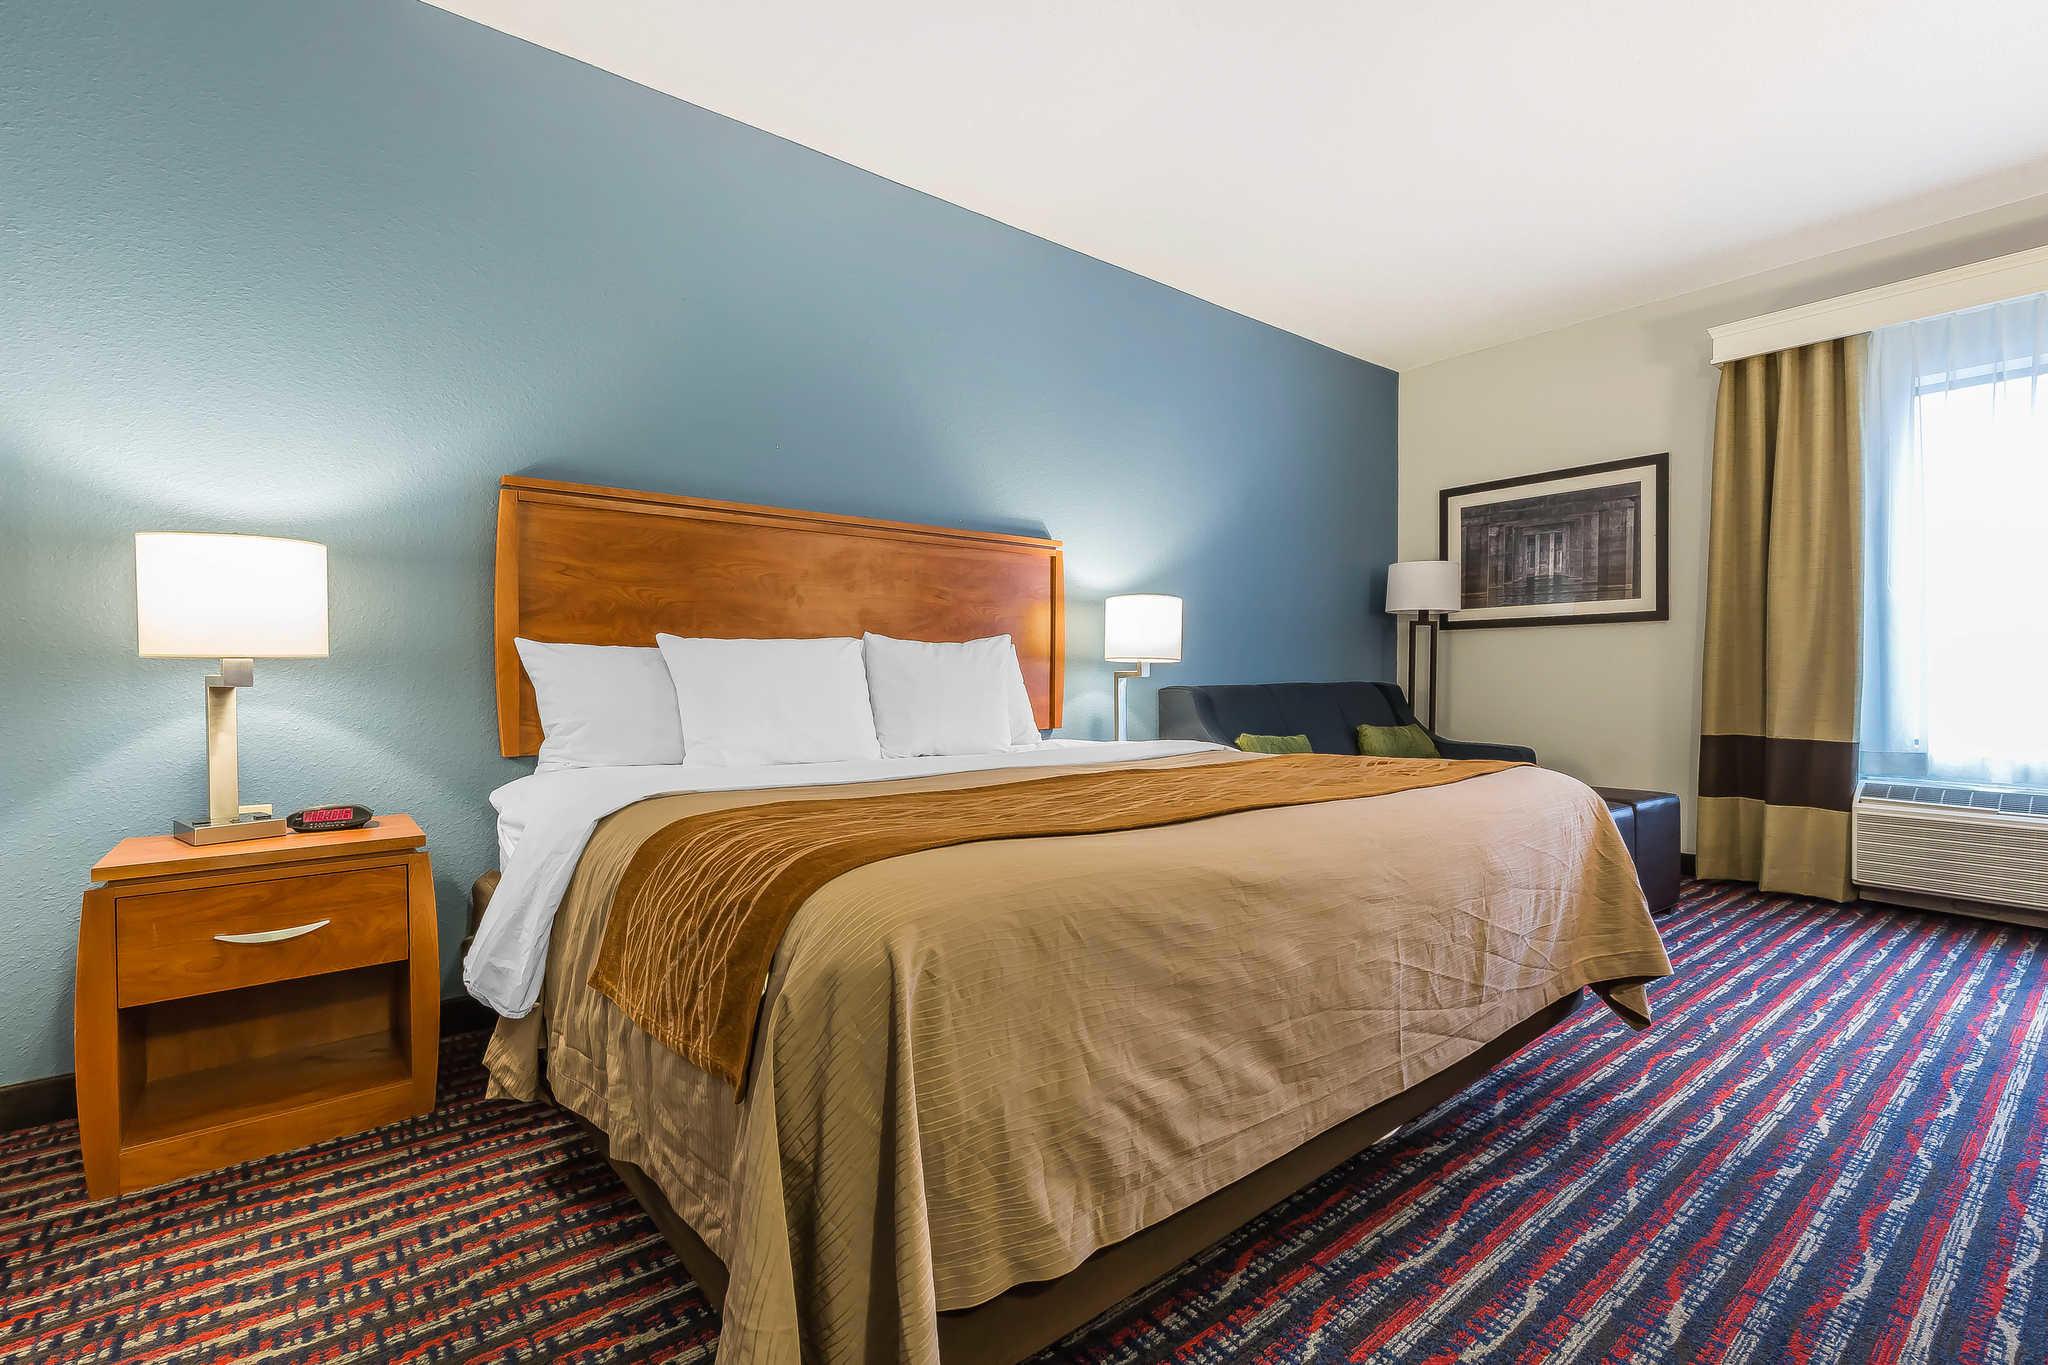 Comfort Inn image 32